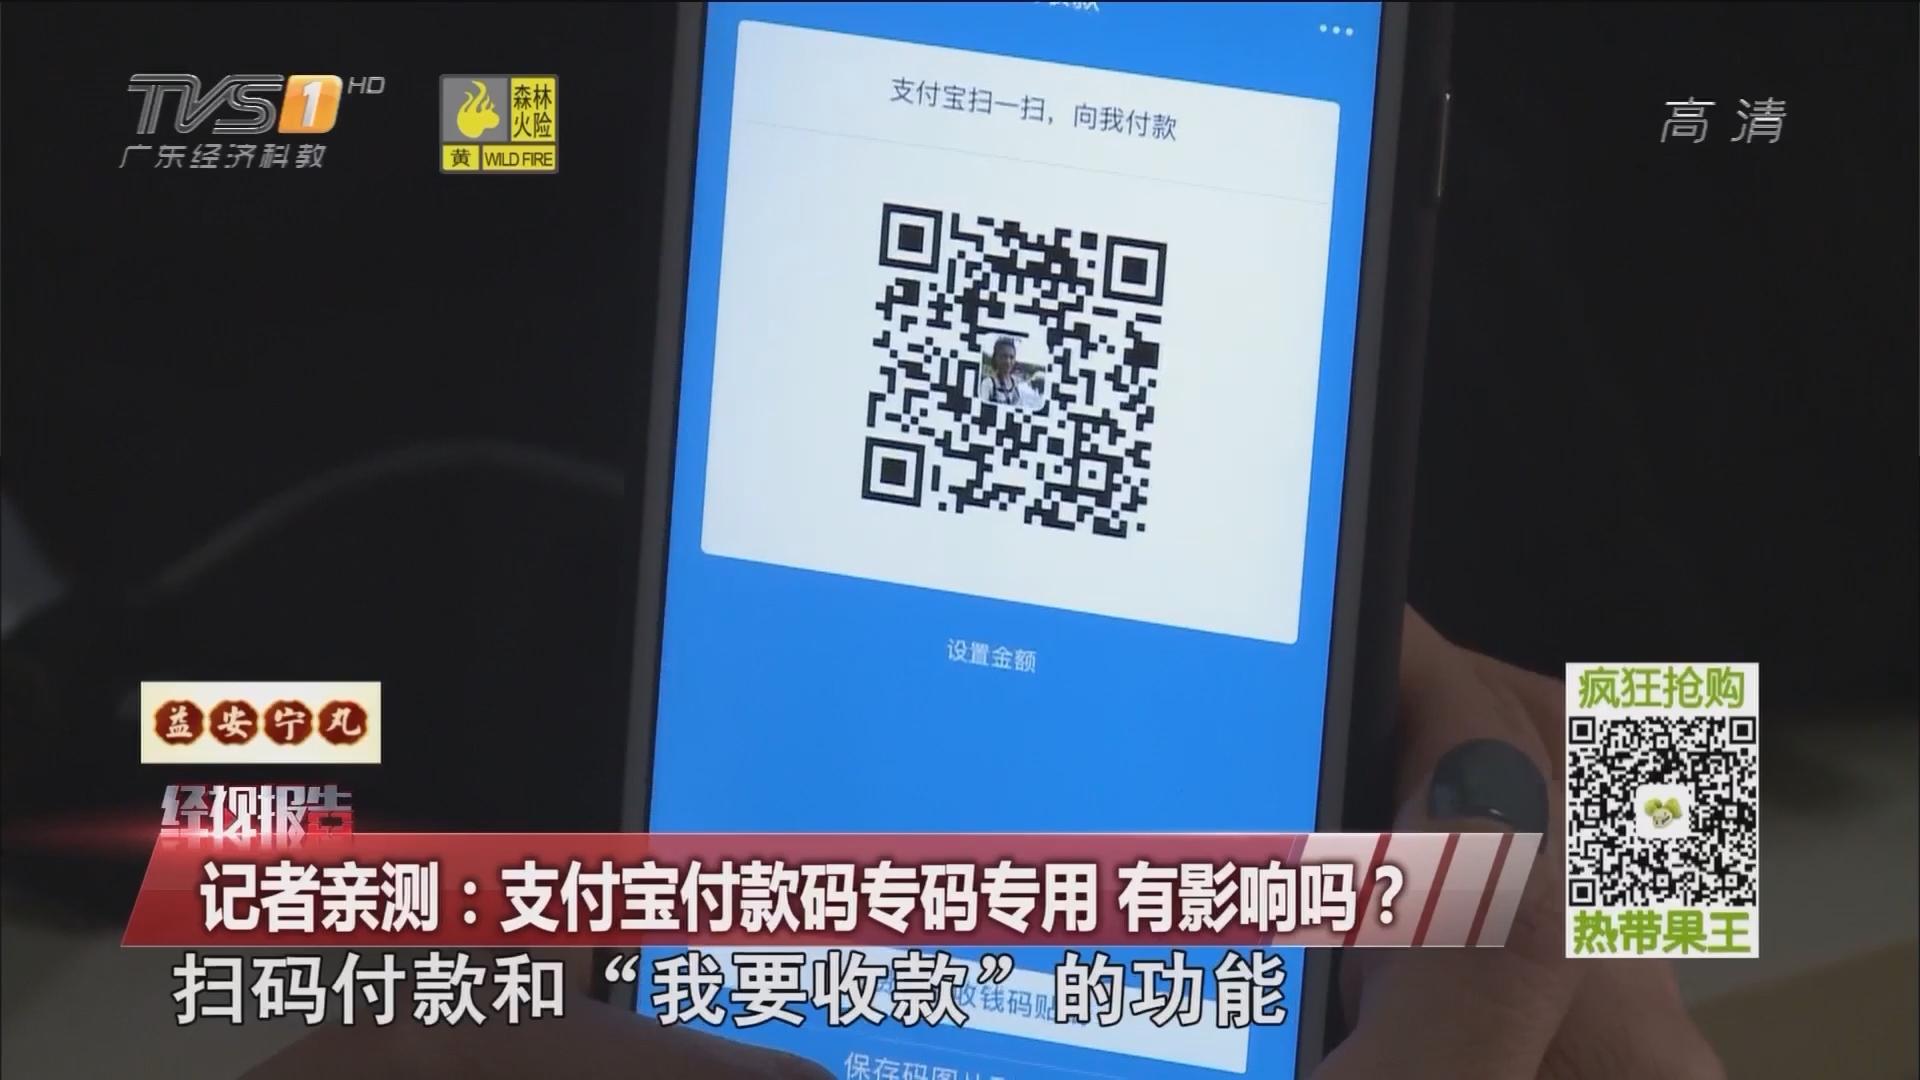 记者亲测:支付宝付款码专码专用 有影响吗?